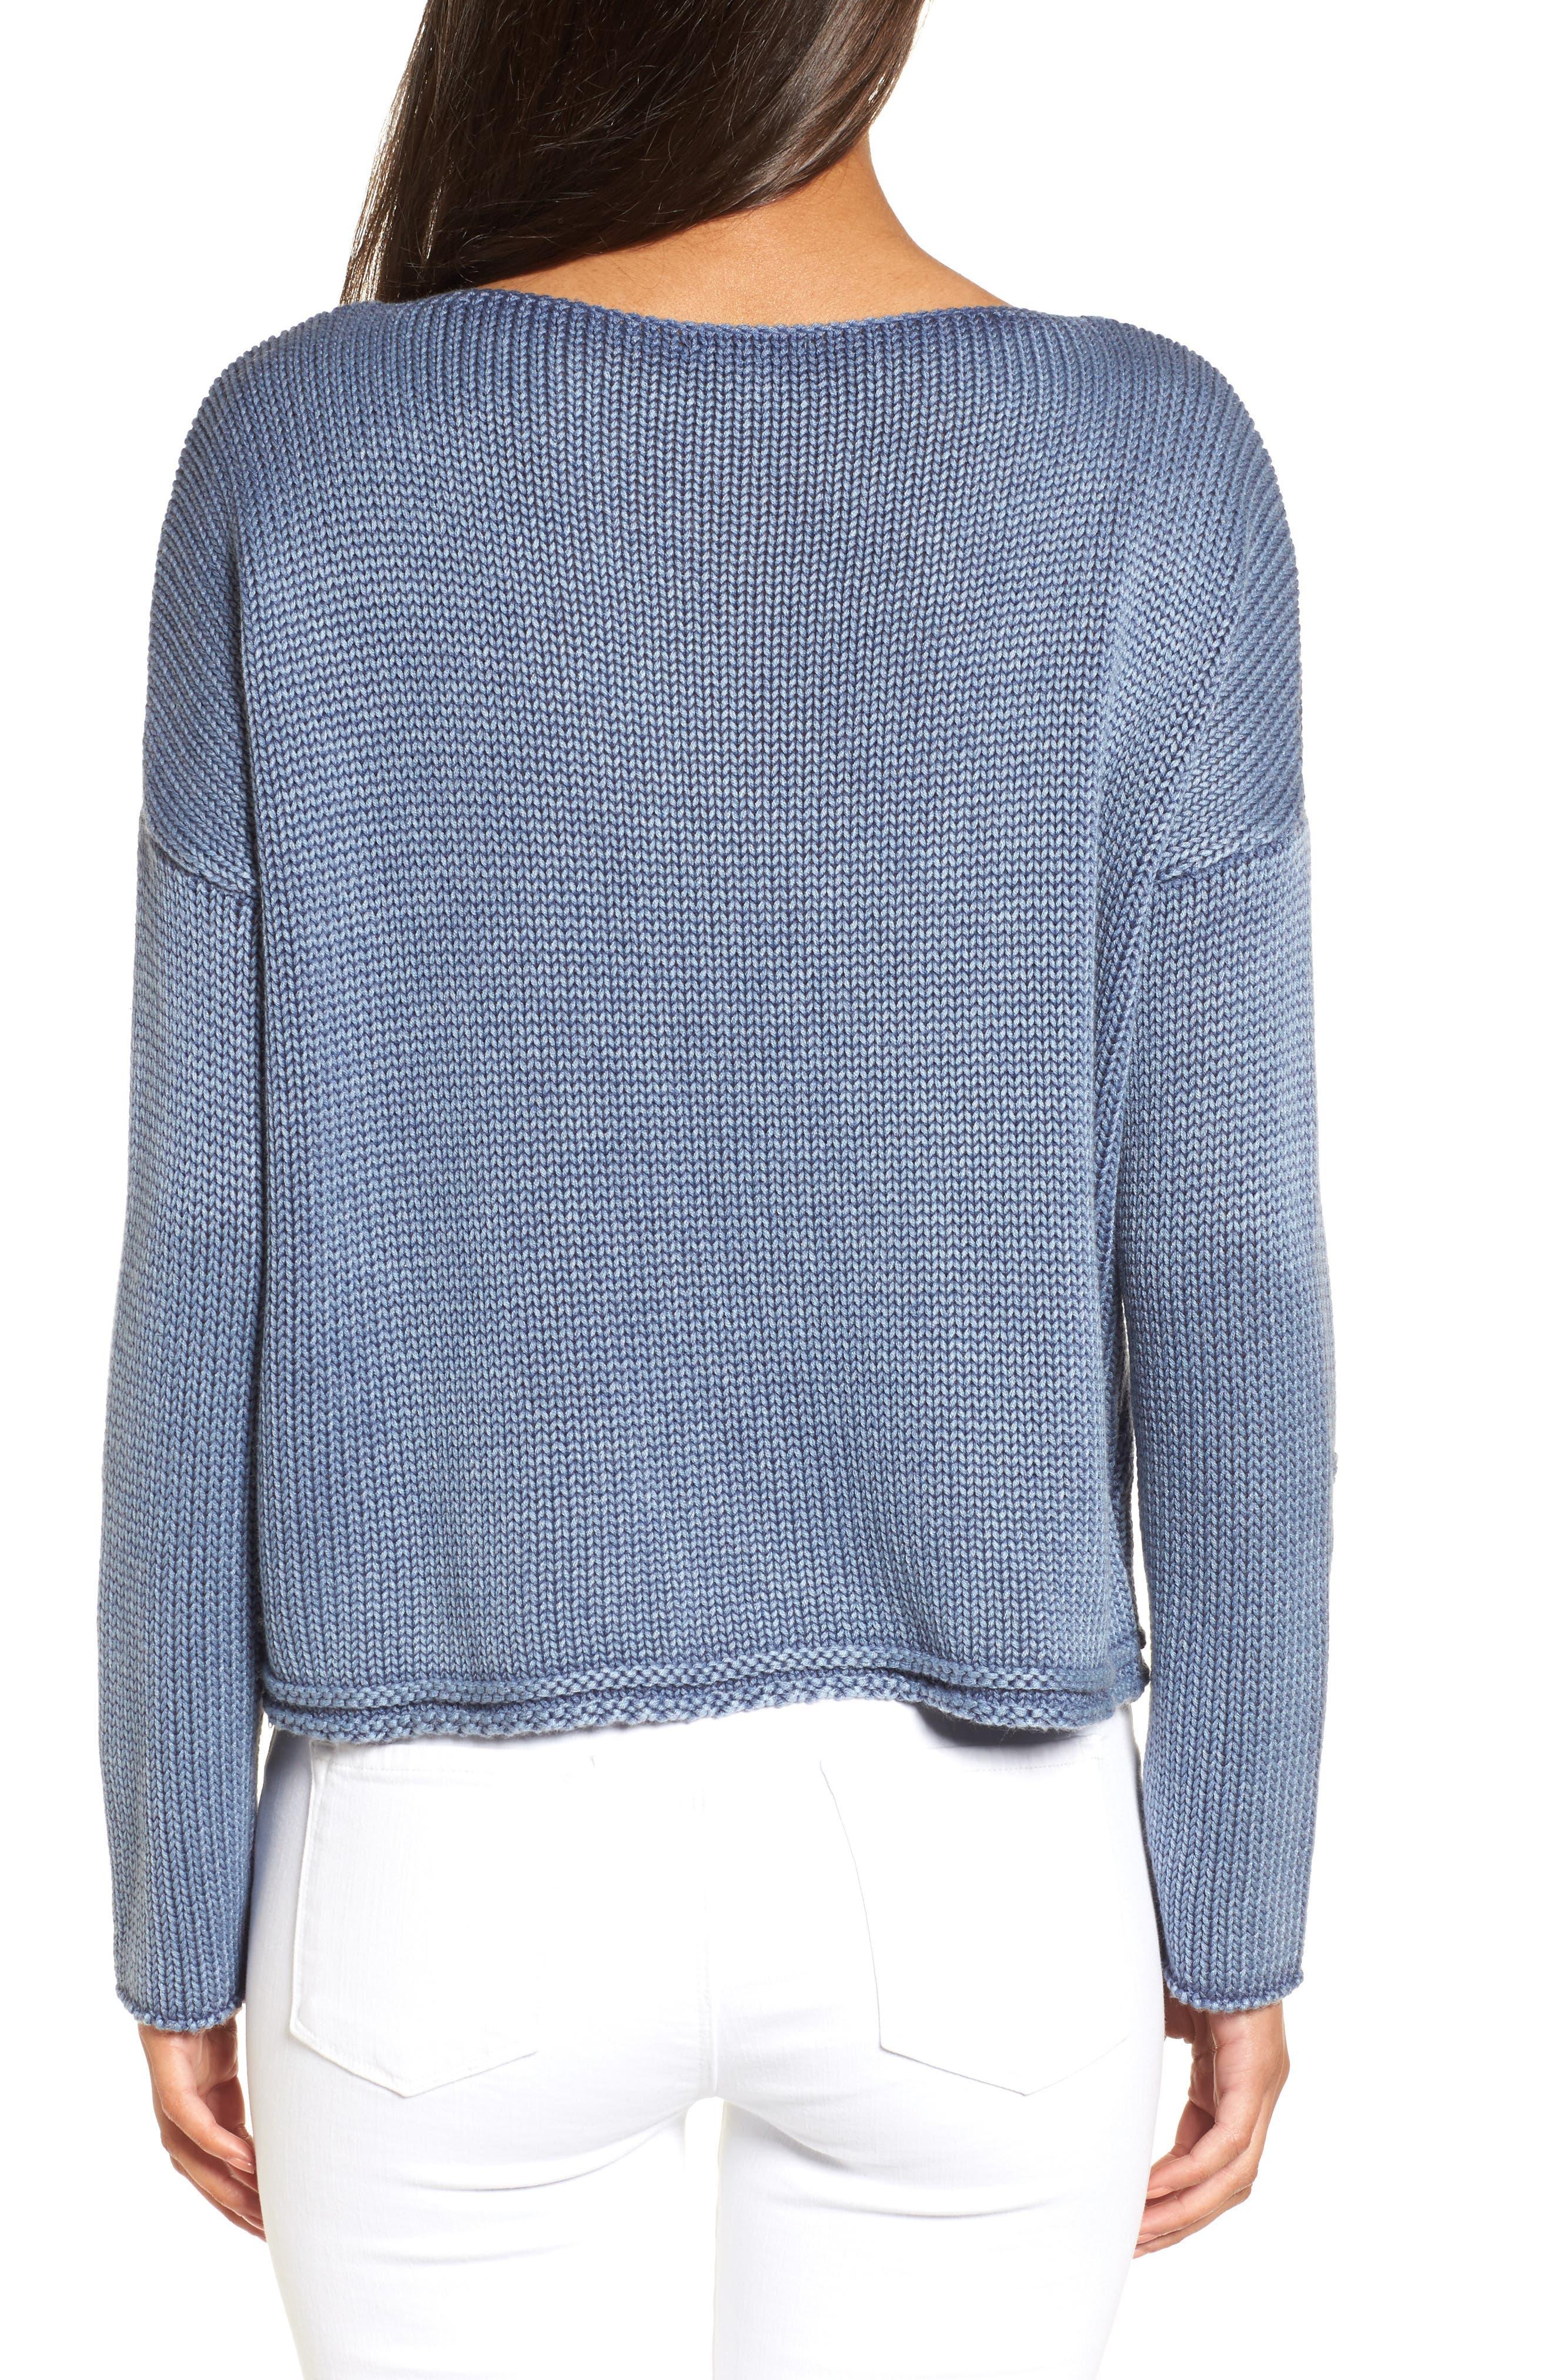 Alternate Image 2  - Rails Kalani Knit Pullover